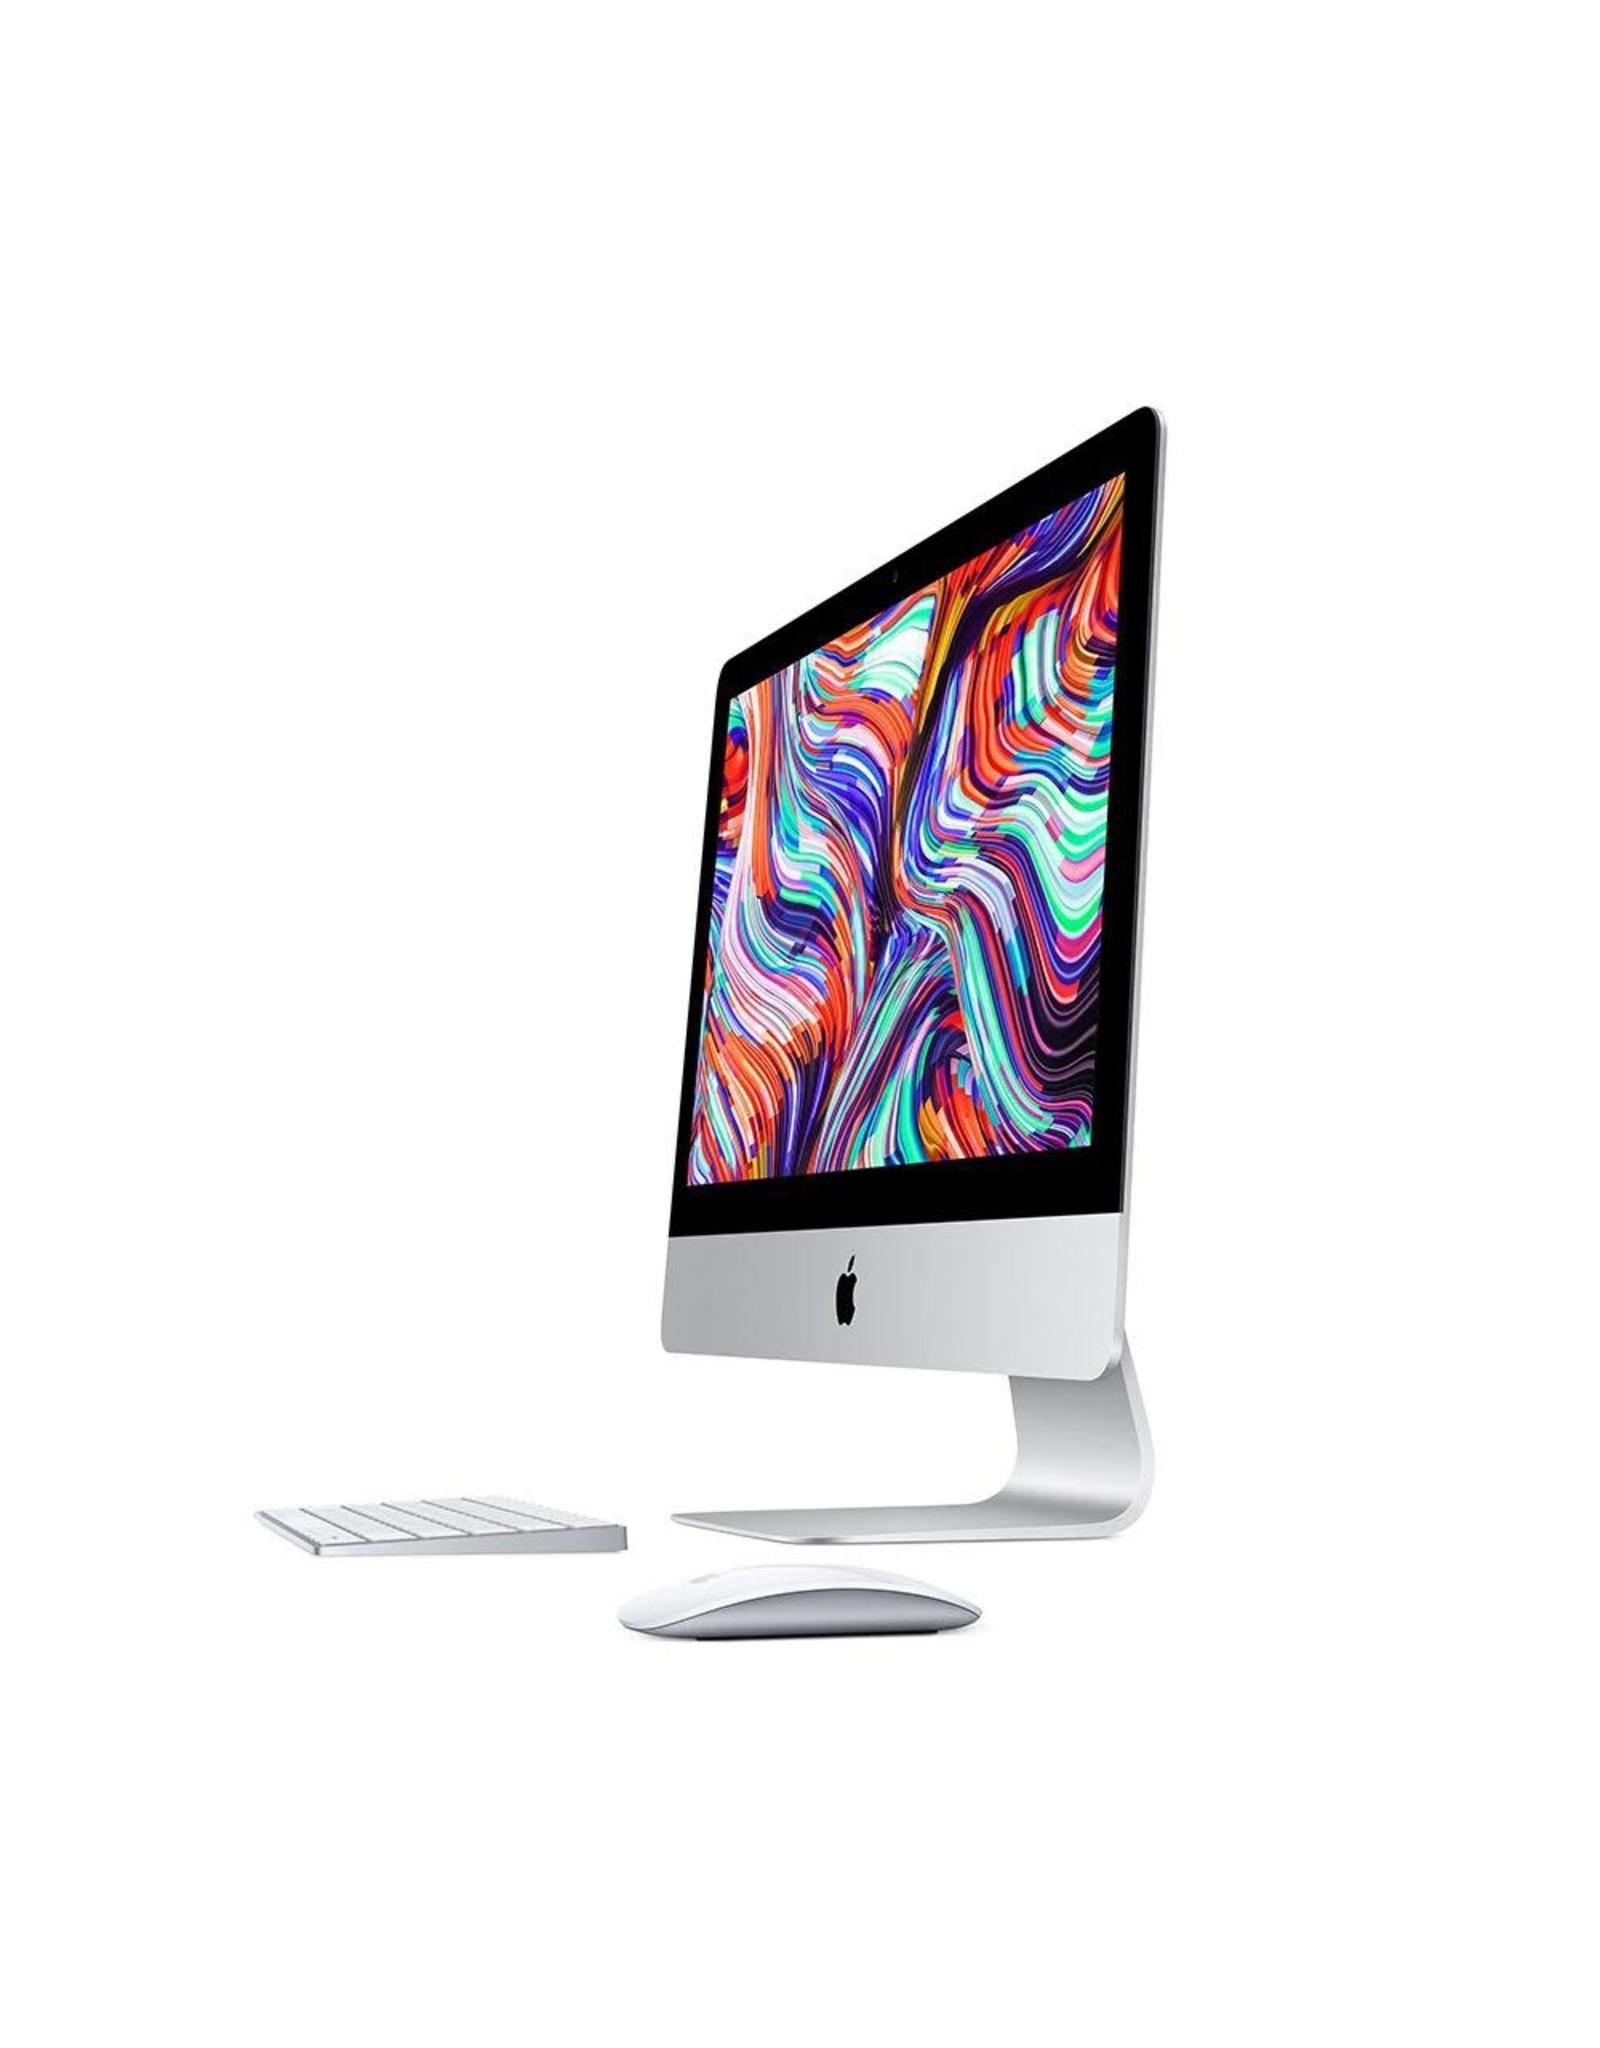 Apple 21.5-inch iMac Retina 4K 3.0GHz 6-core 8th-generation Intel Core i5/8GB/256GB SSD/Radeon Pro 560X 4GB